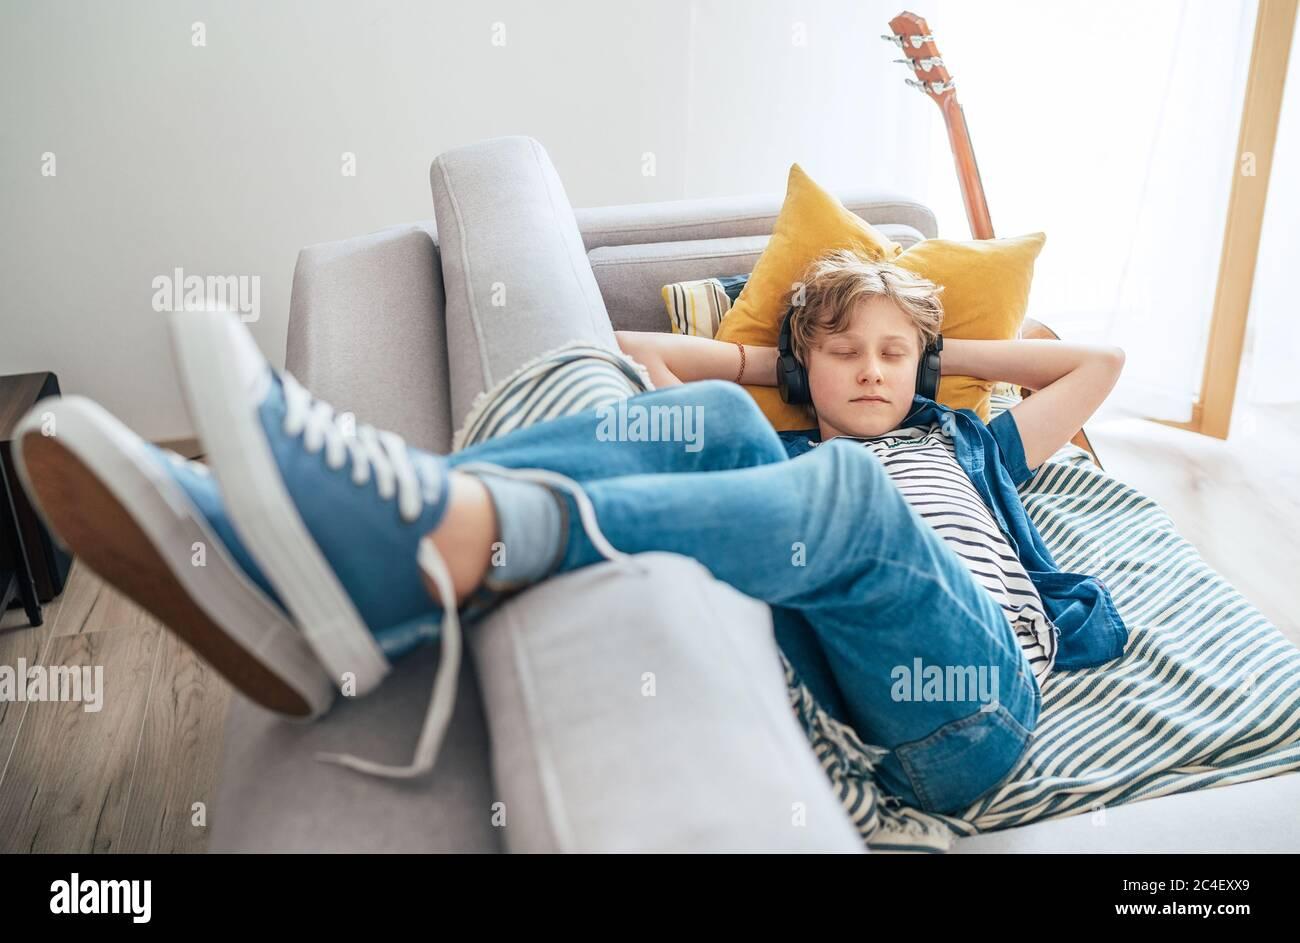 Il ragazzo che dormiva era un presepito sdraiato nel soggiorno di casa pieno di luce solare sul divano accogliente vestito jeans casual e sneakers ascoltare musica Foto Stock